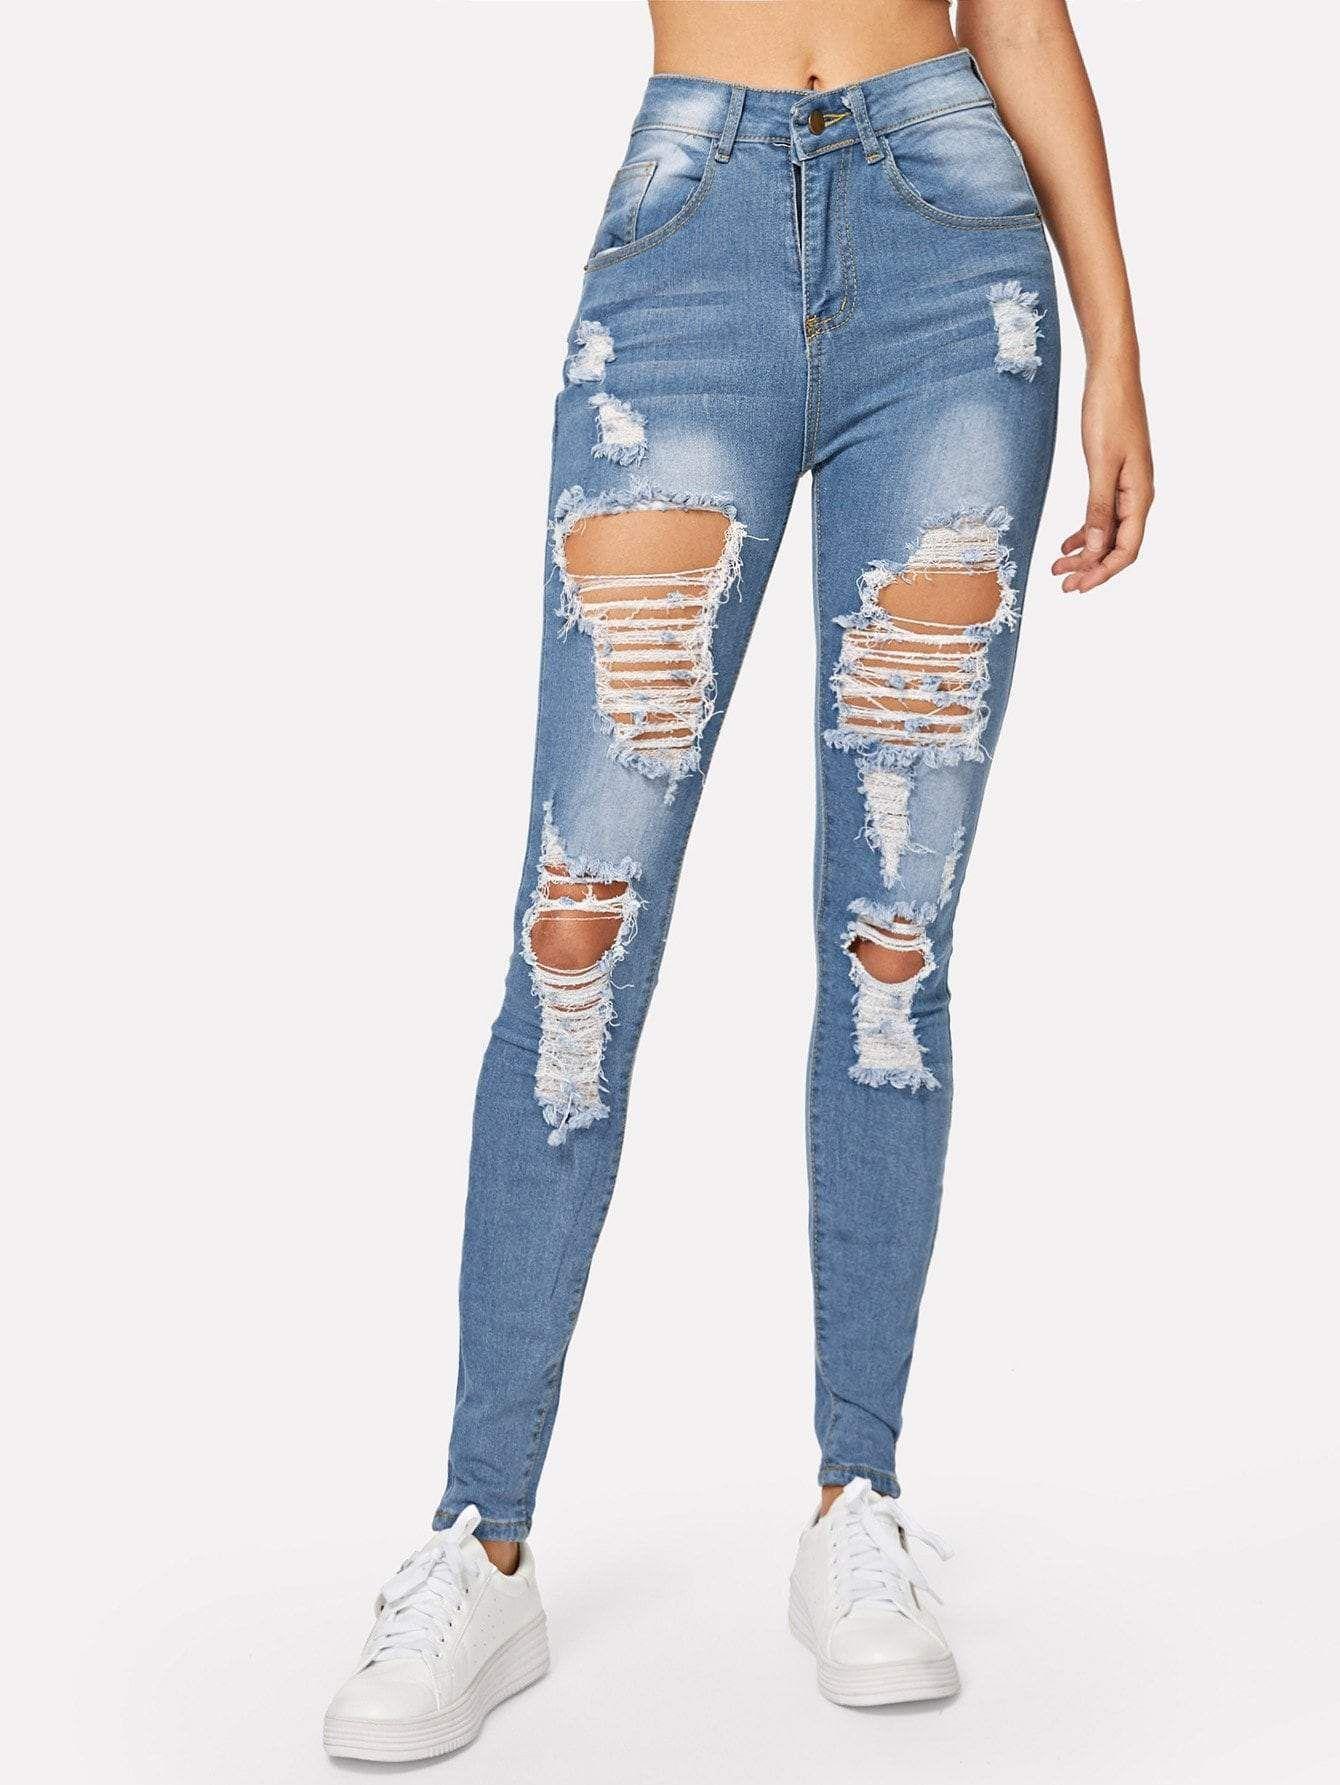 Arranco La Lejia Lavar Los Pantalones Vaqueros Flacos Cute Ripped Jeans Jeans Outfit Casual Best Jeans For Women